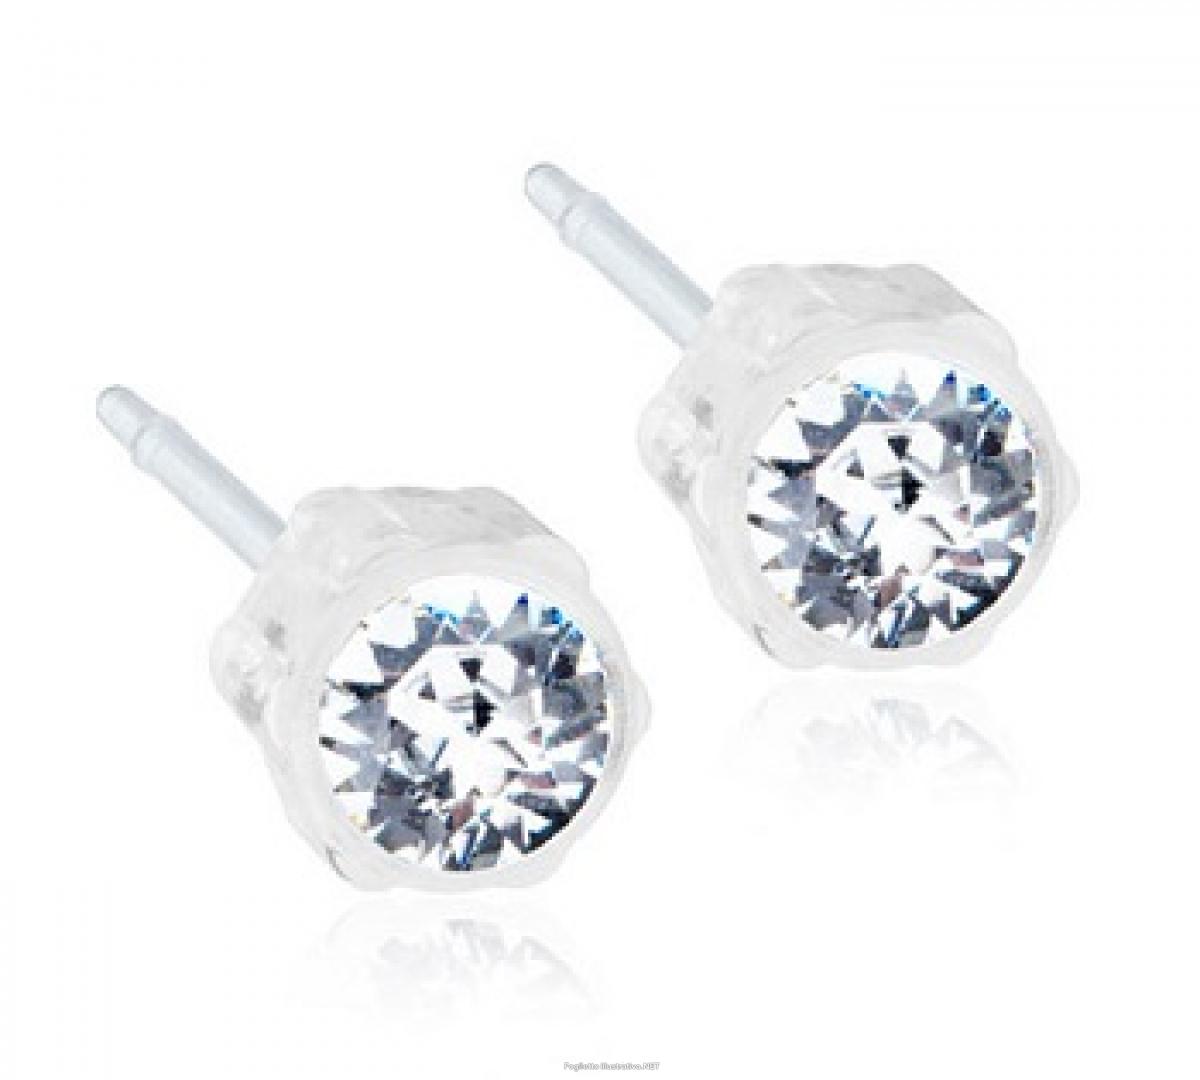 prezzo più basso più tardi marchio popolare cj mp 4mm crystal bugiardino cod: 970988580